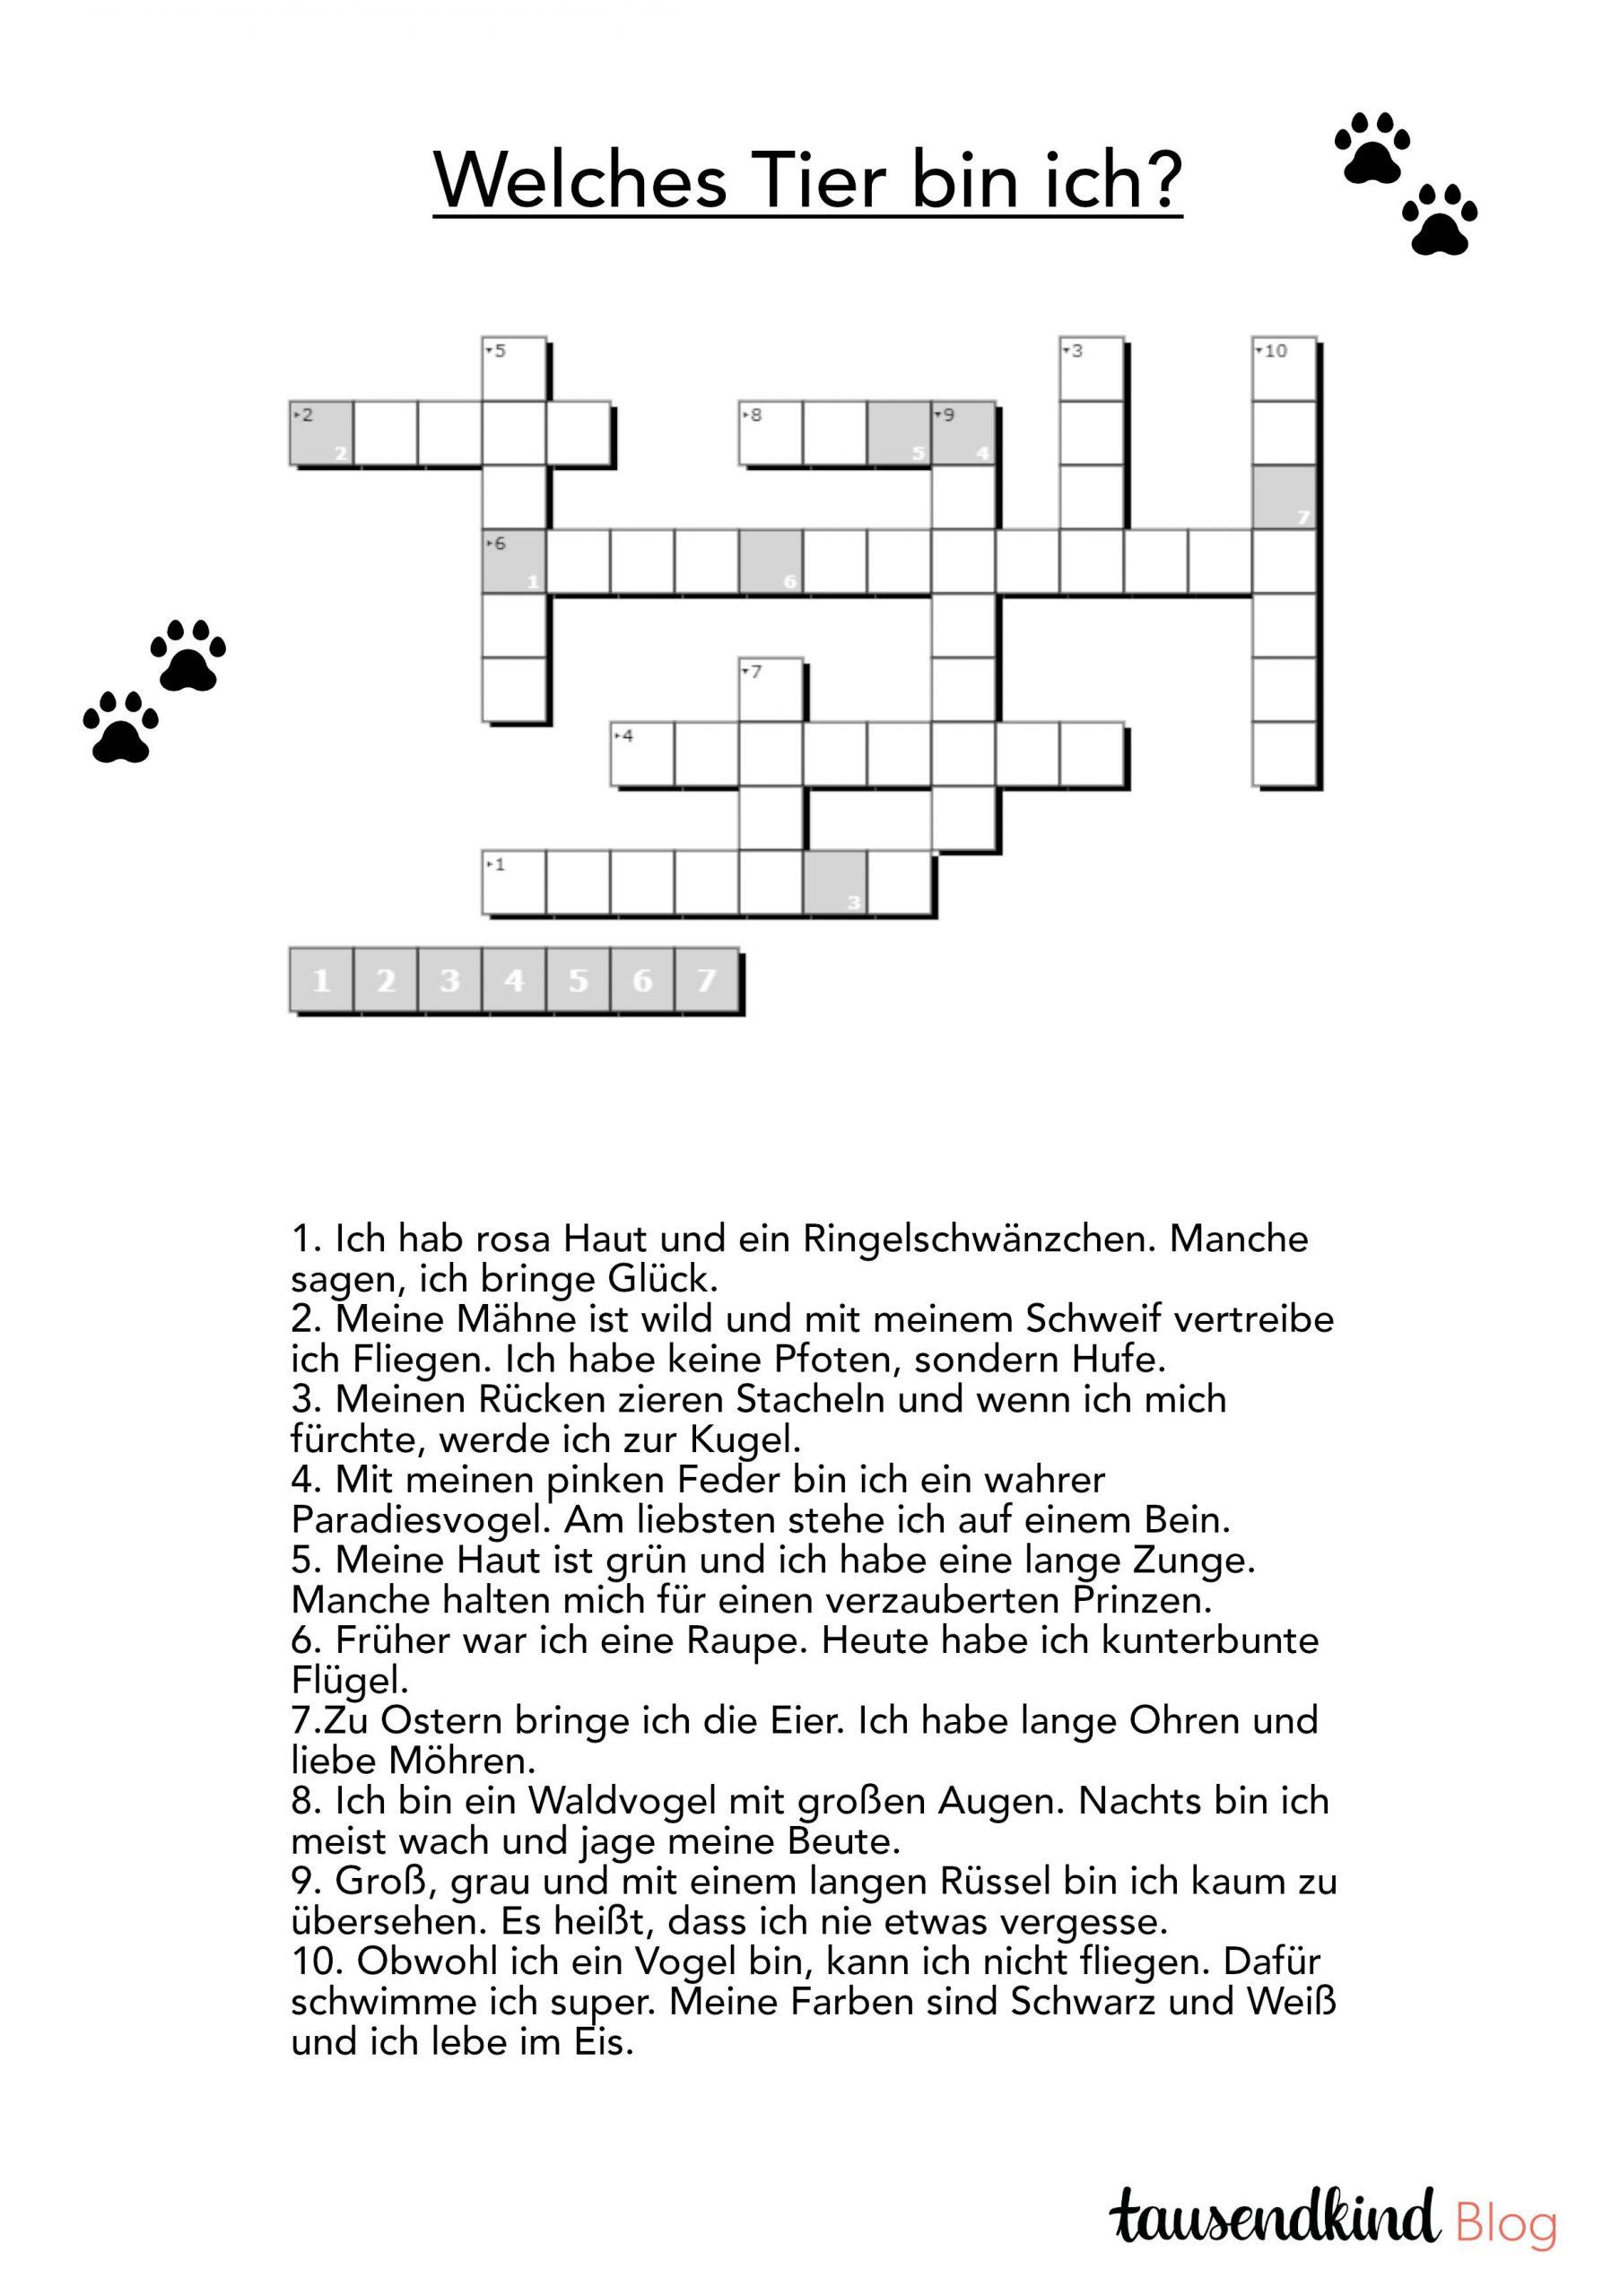 Rätsel Für Kinder Zum Ausdrucken - 5 Varianten Gegen Die ganzes Rätsel Im Kindergarten